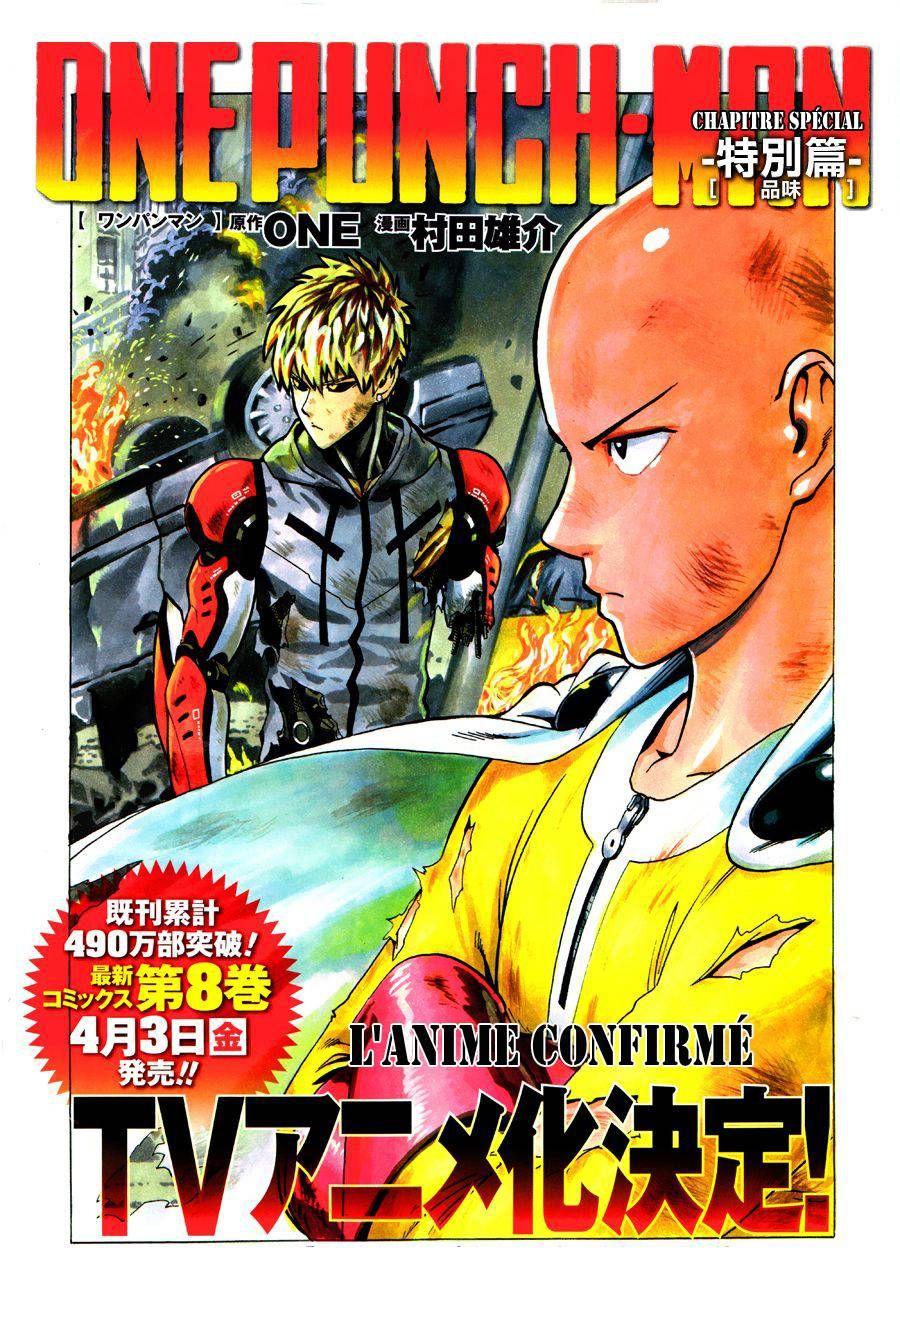 Épinglé par LunaOgawa sur Manga en 2020 Punch man